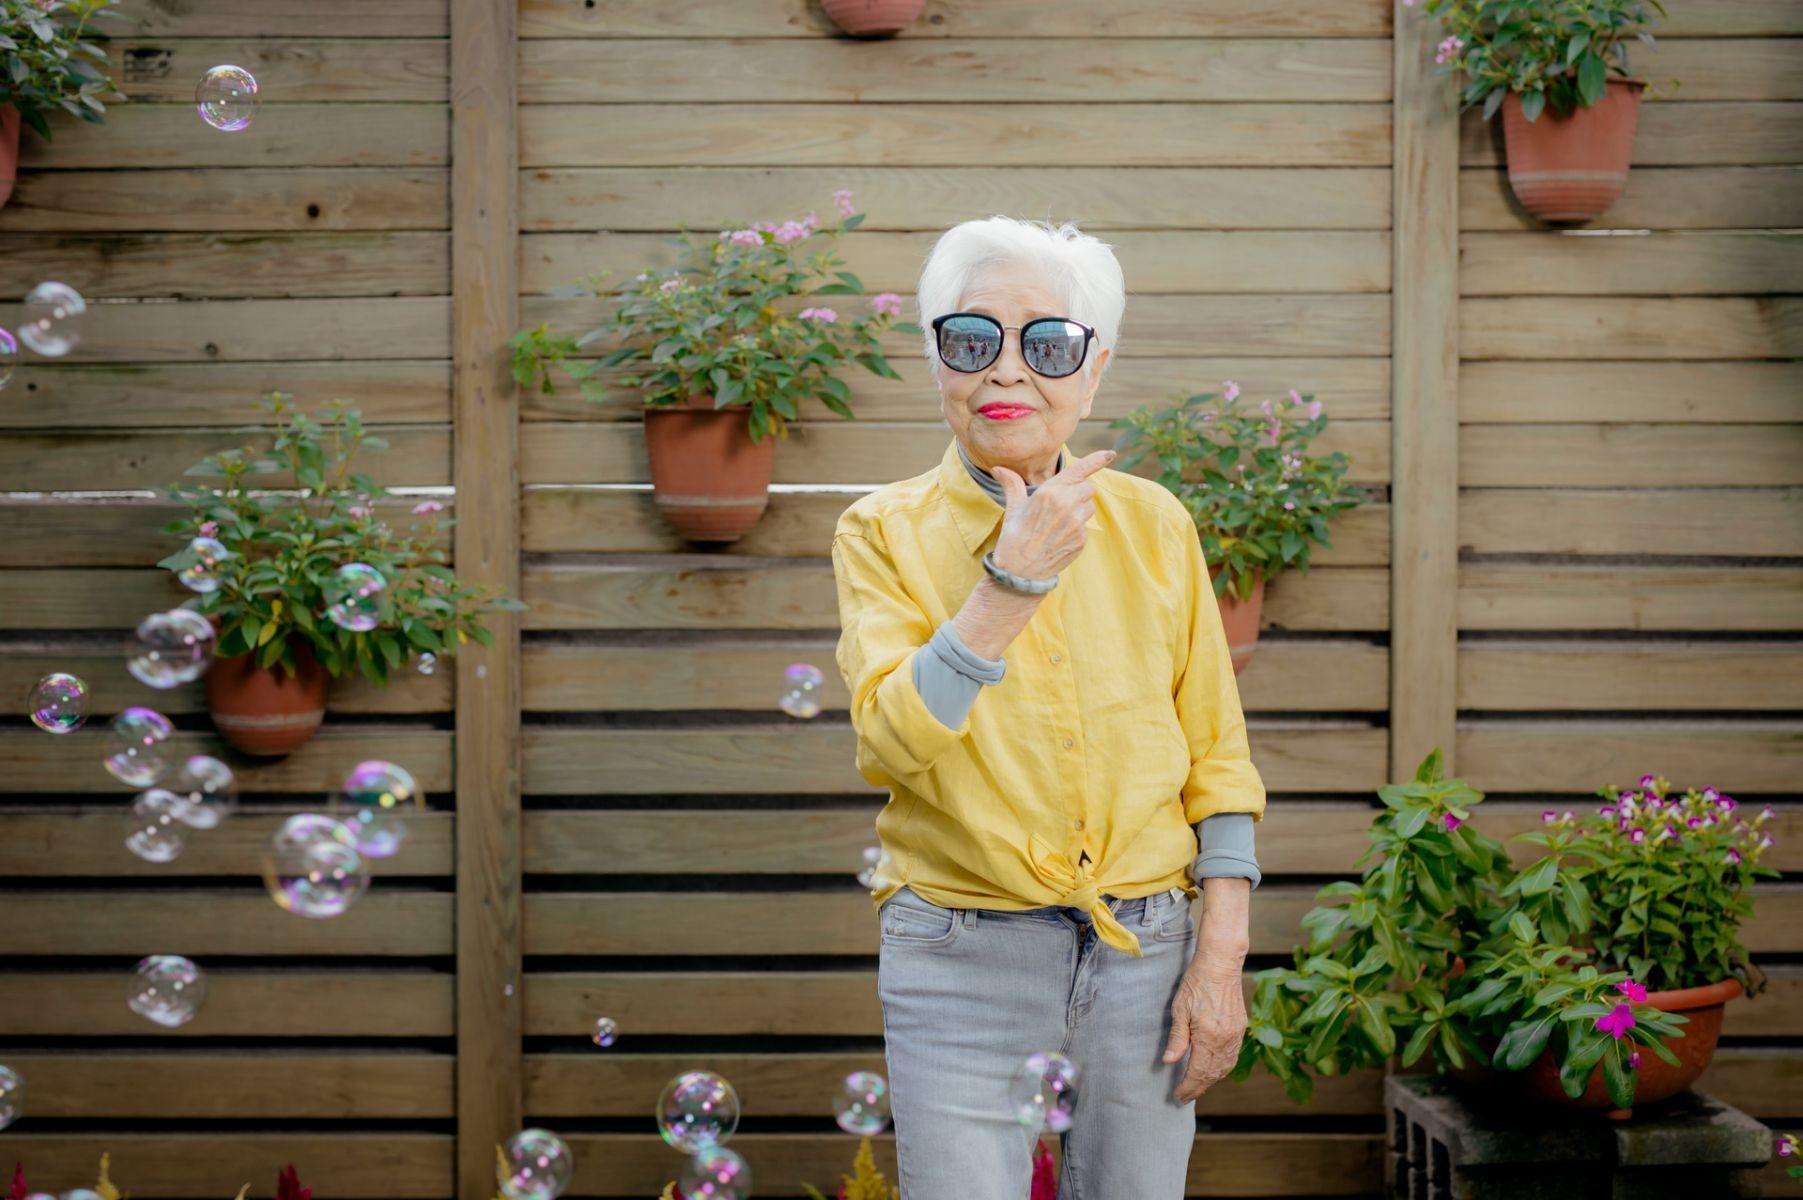 失智也能很快樂!百歲奶奶沒駝背、不用拐杖,80歲還自己出國